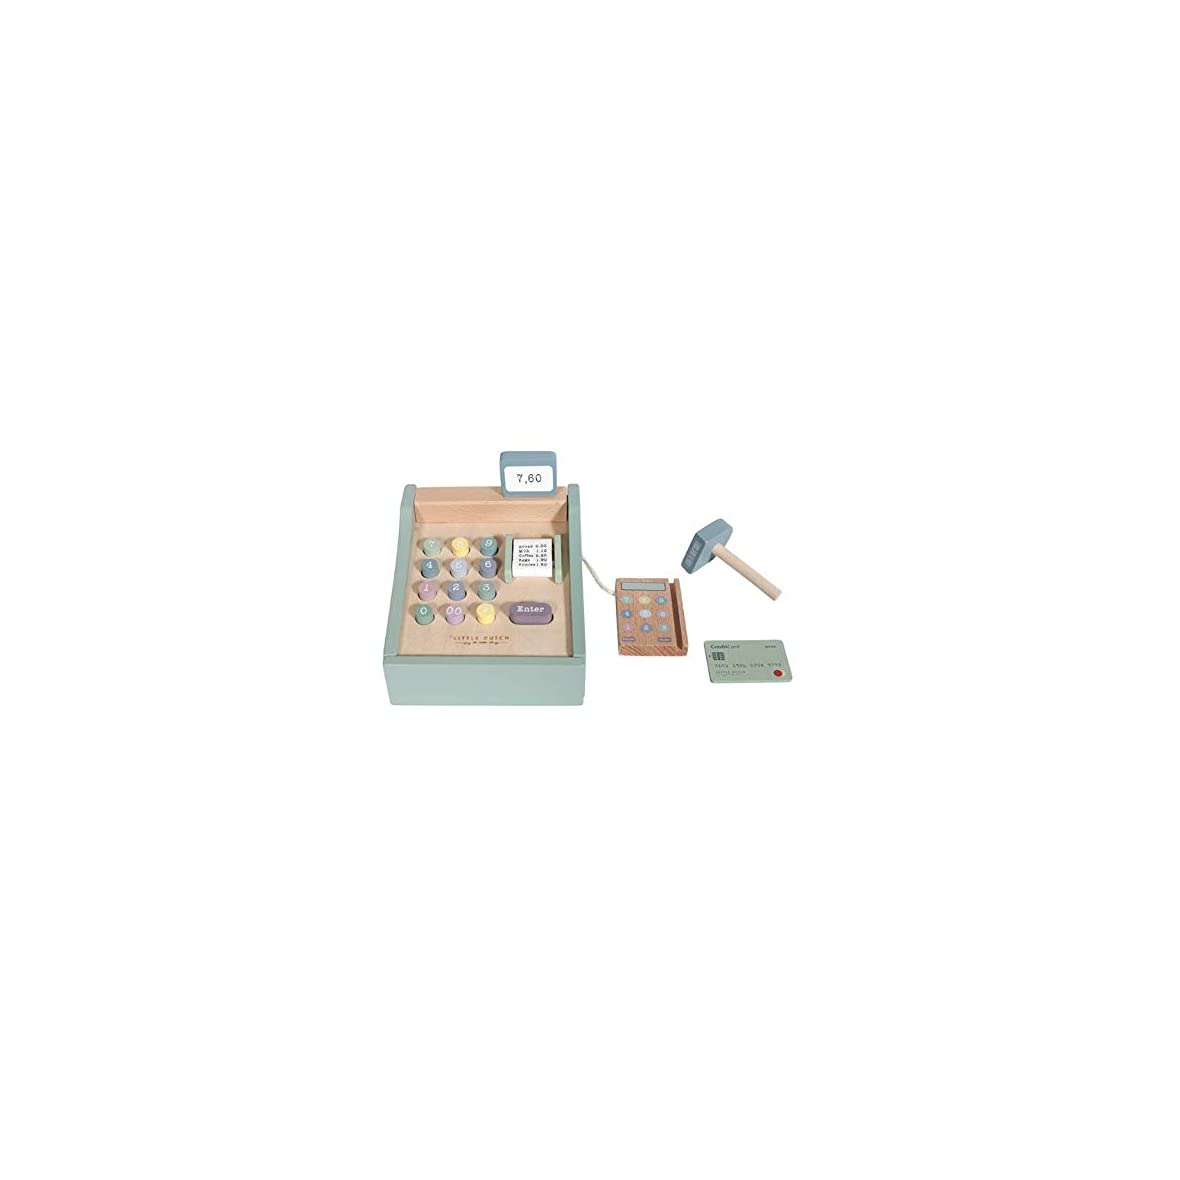 Little-Dutch-Caja-registradora-de-Madera-con-escaner-Color-Verde-Menta-para-ninos-36m